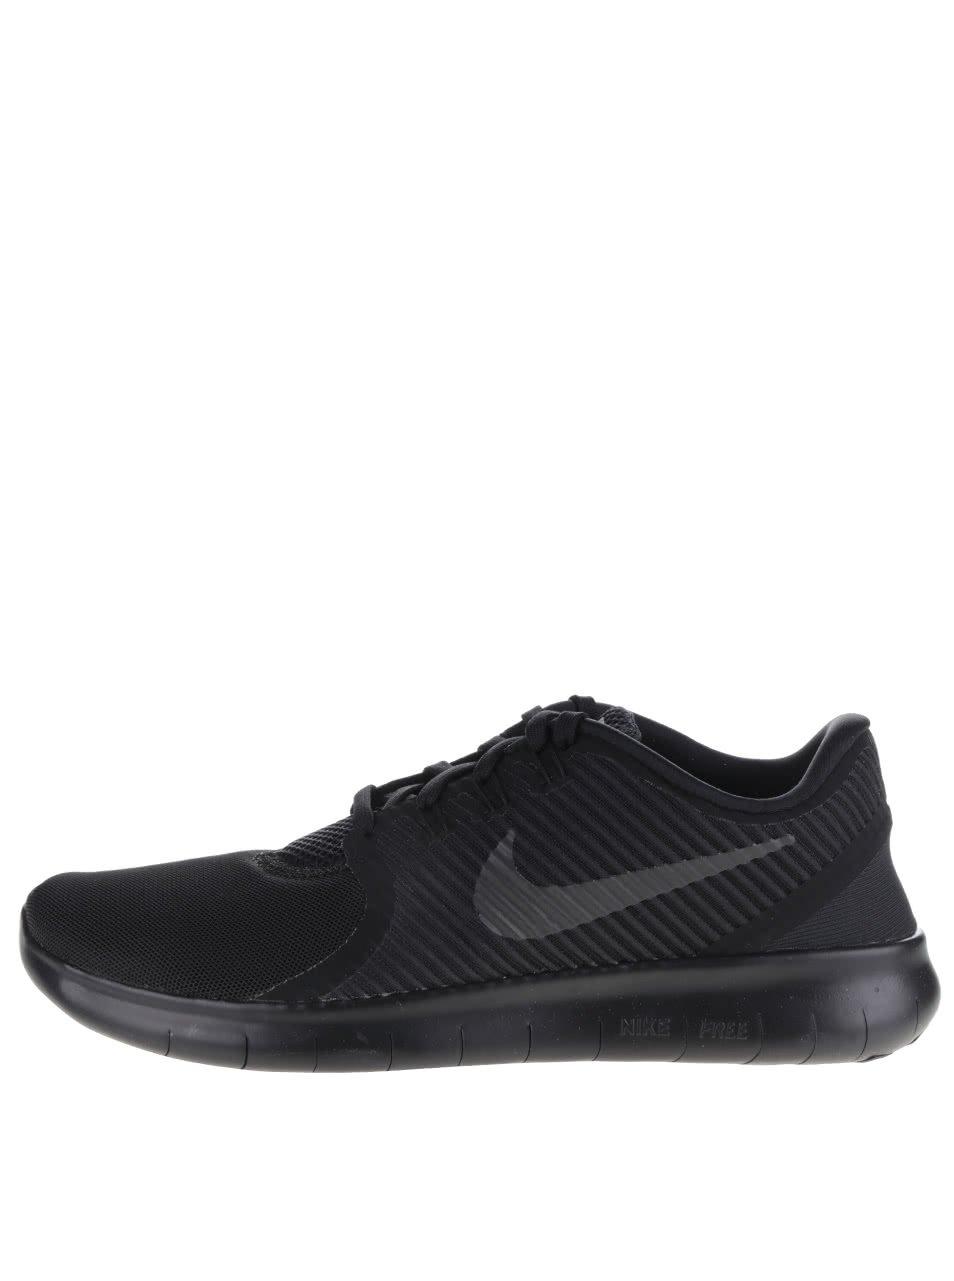 Černé pánské tenisky Nike Free Commuter Running